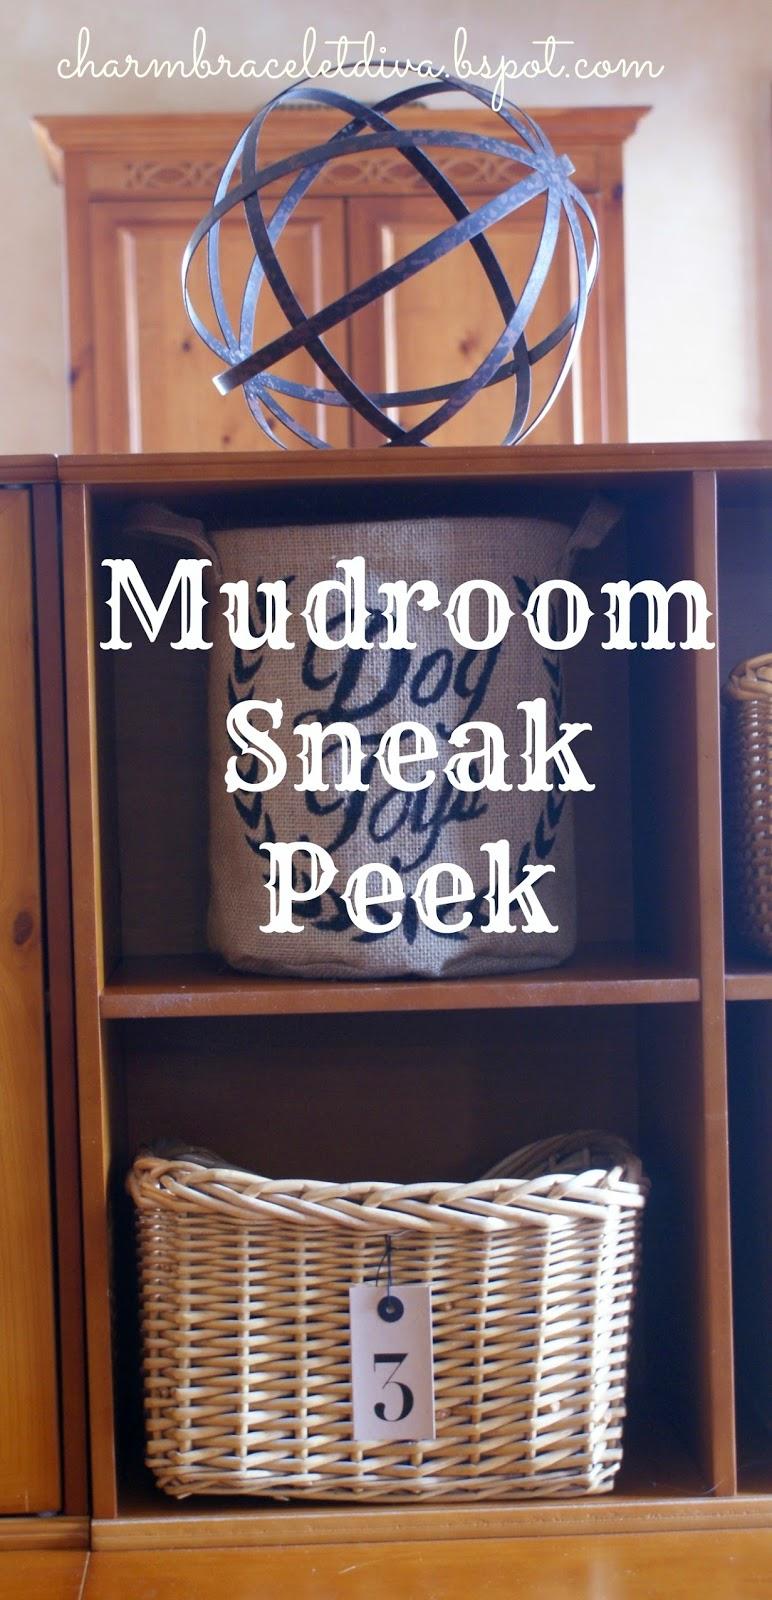 mudroom cubbies and storage bins with metal orb